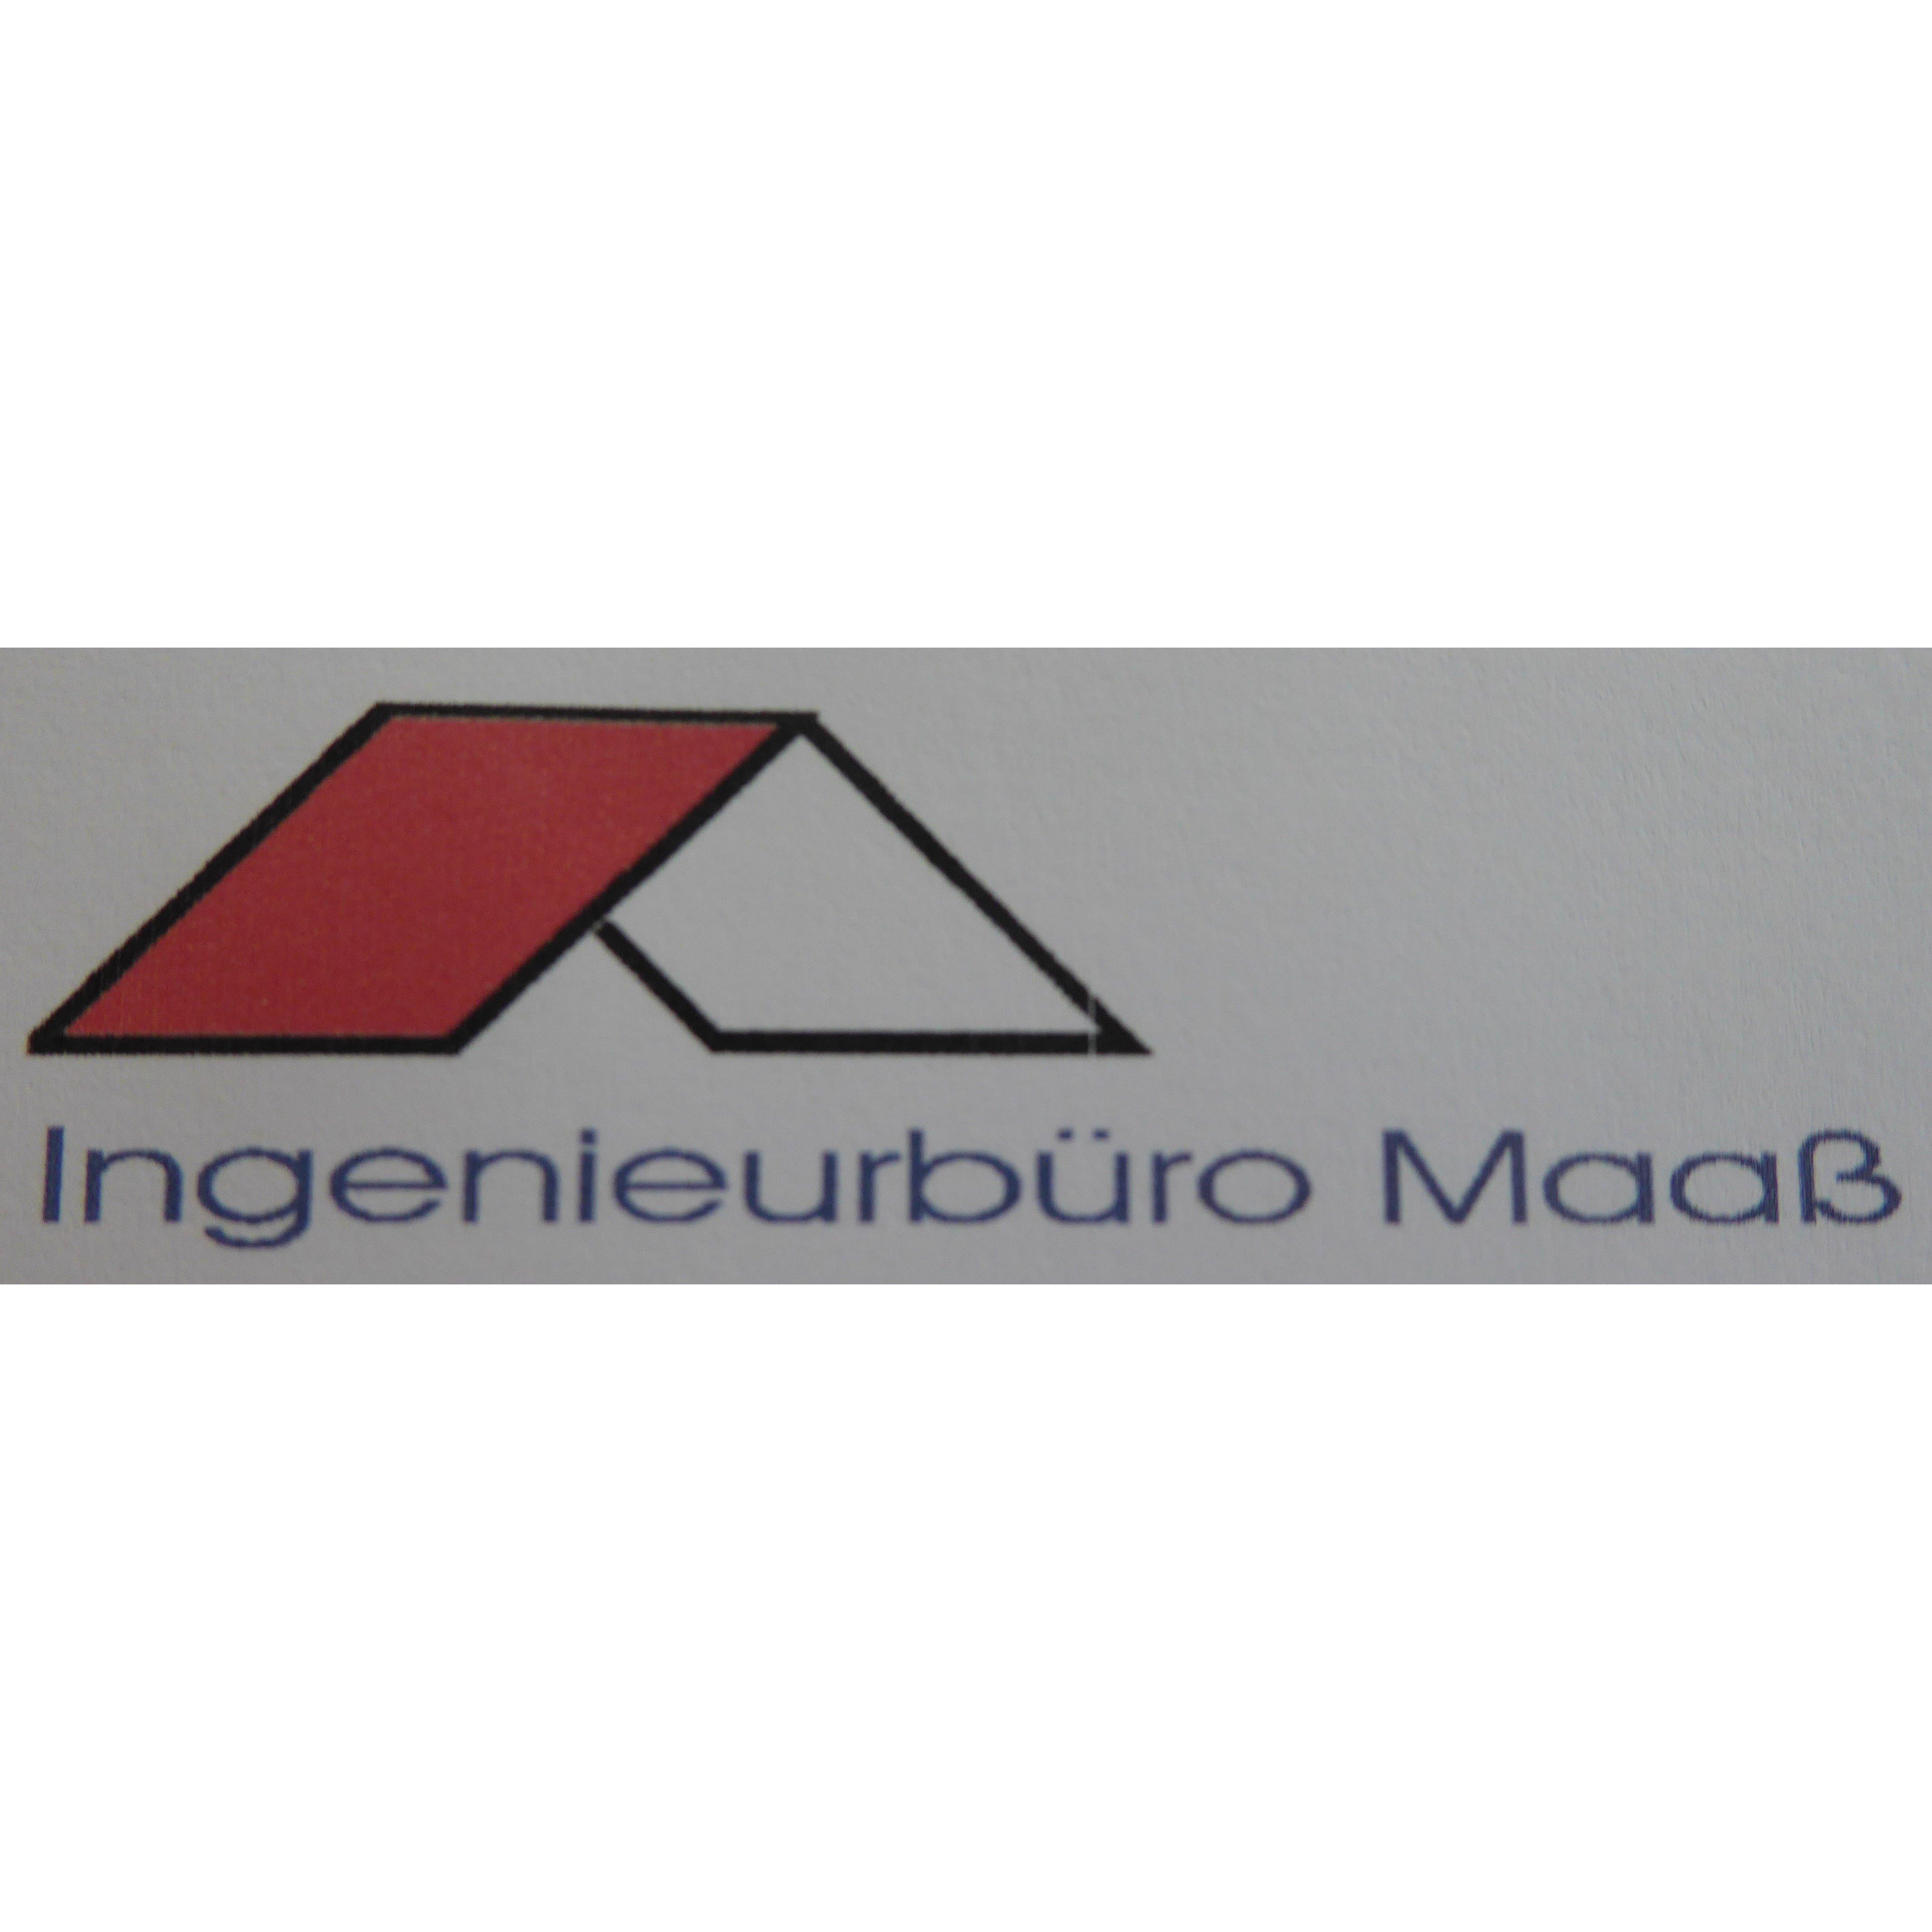 Bild zu Ingenieurbüro Maaß Dipl.-Ing. Regina Maaß in Schwerin in Mecklenburg